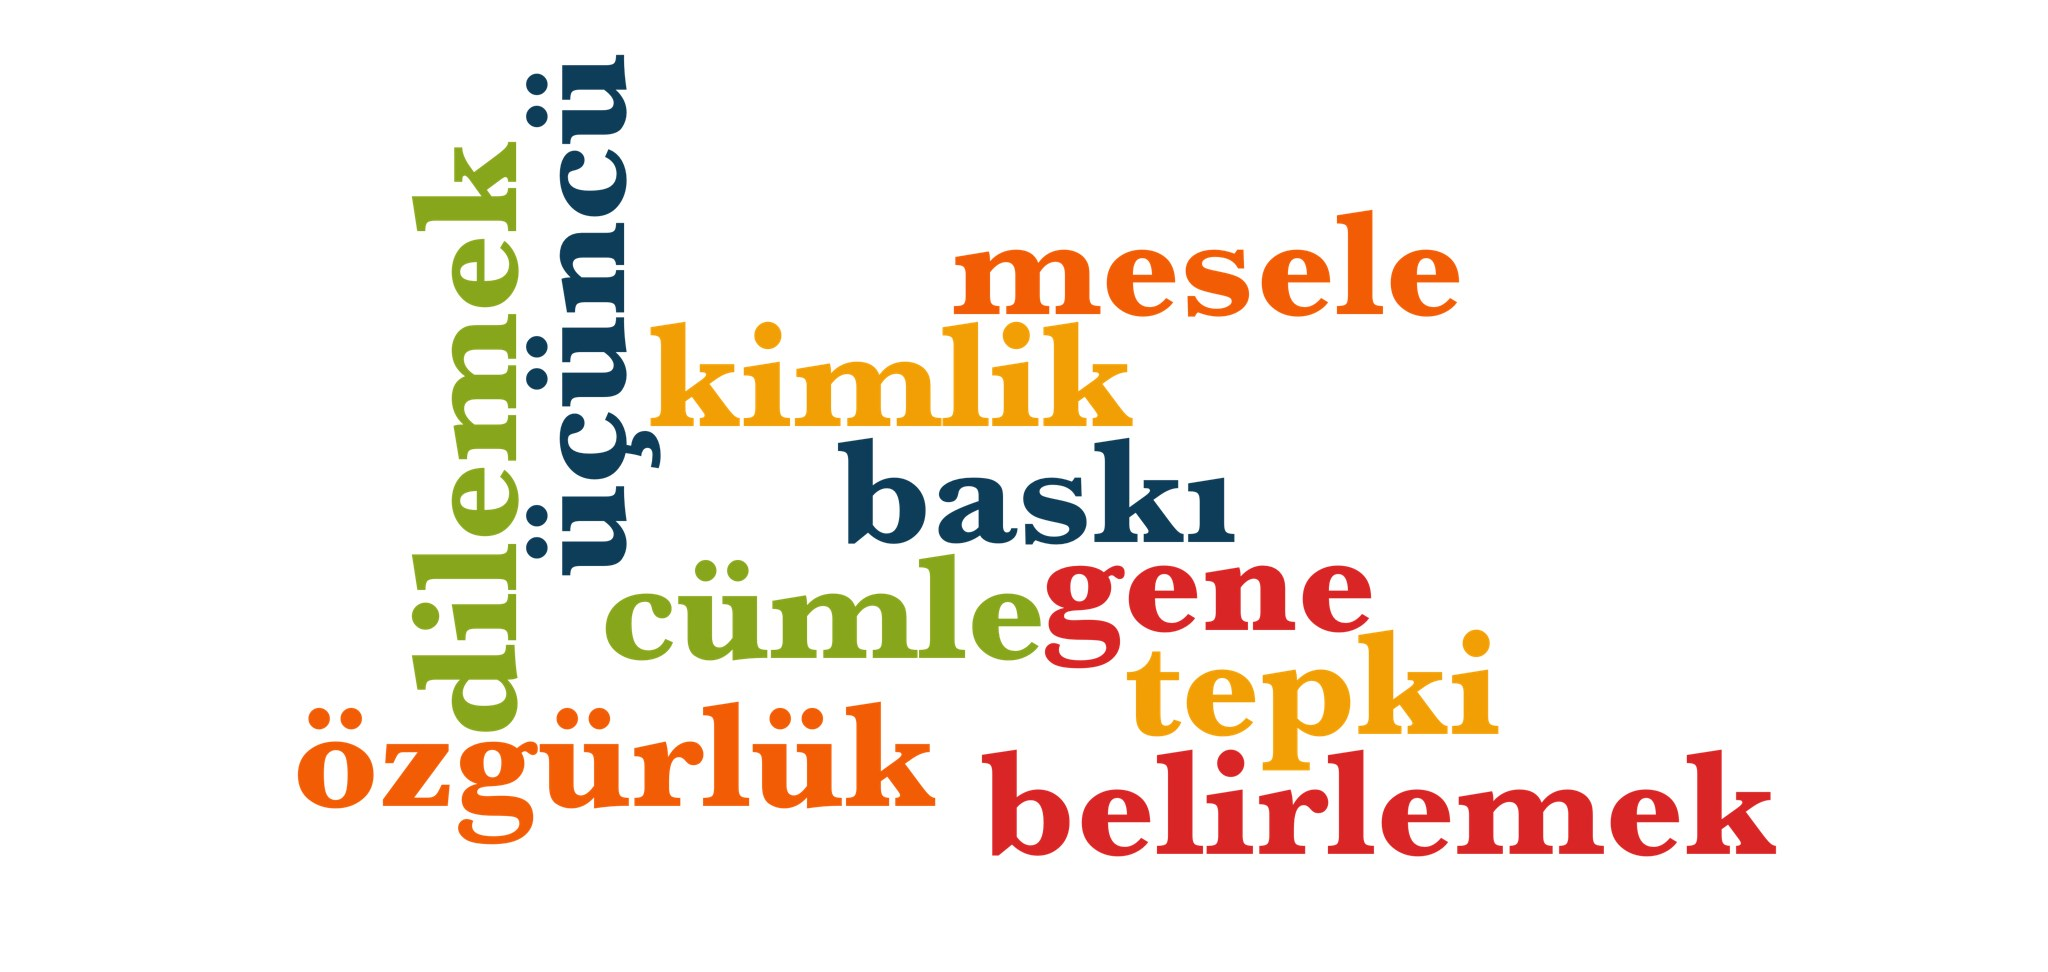 Wörter 801 bis 810 der 1000 häufigsten Wörter der türkischen Sprache